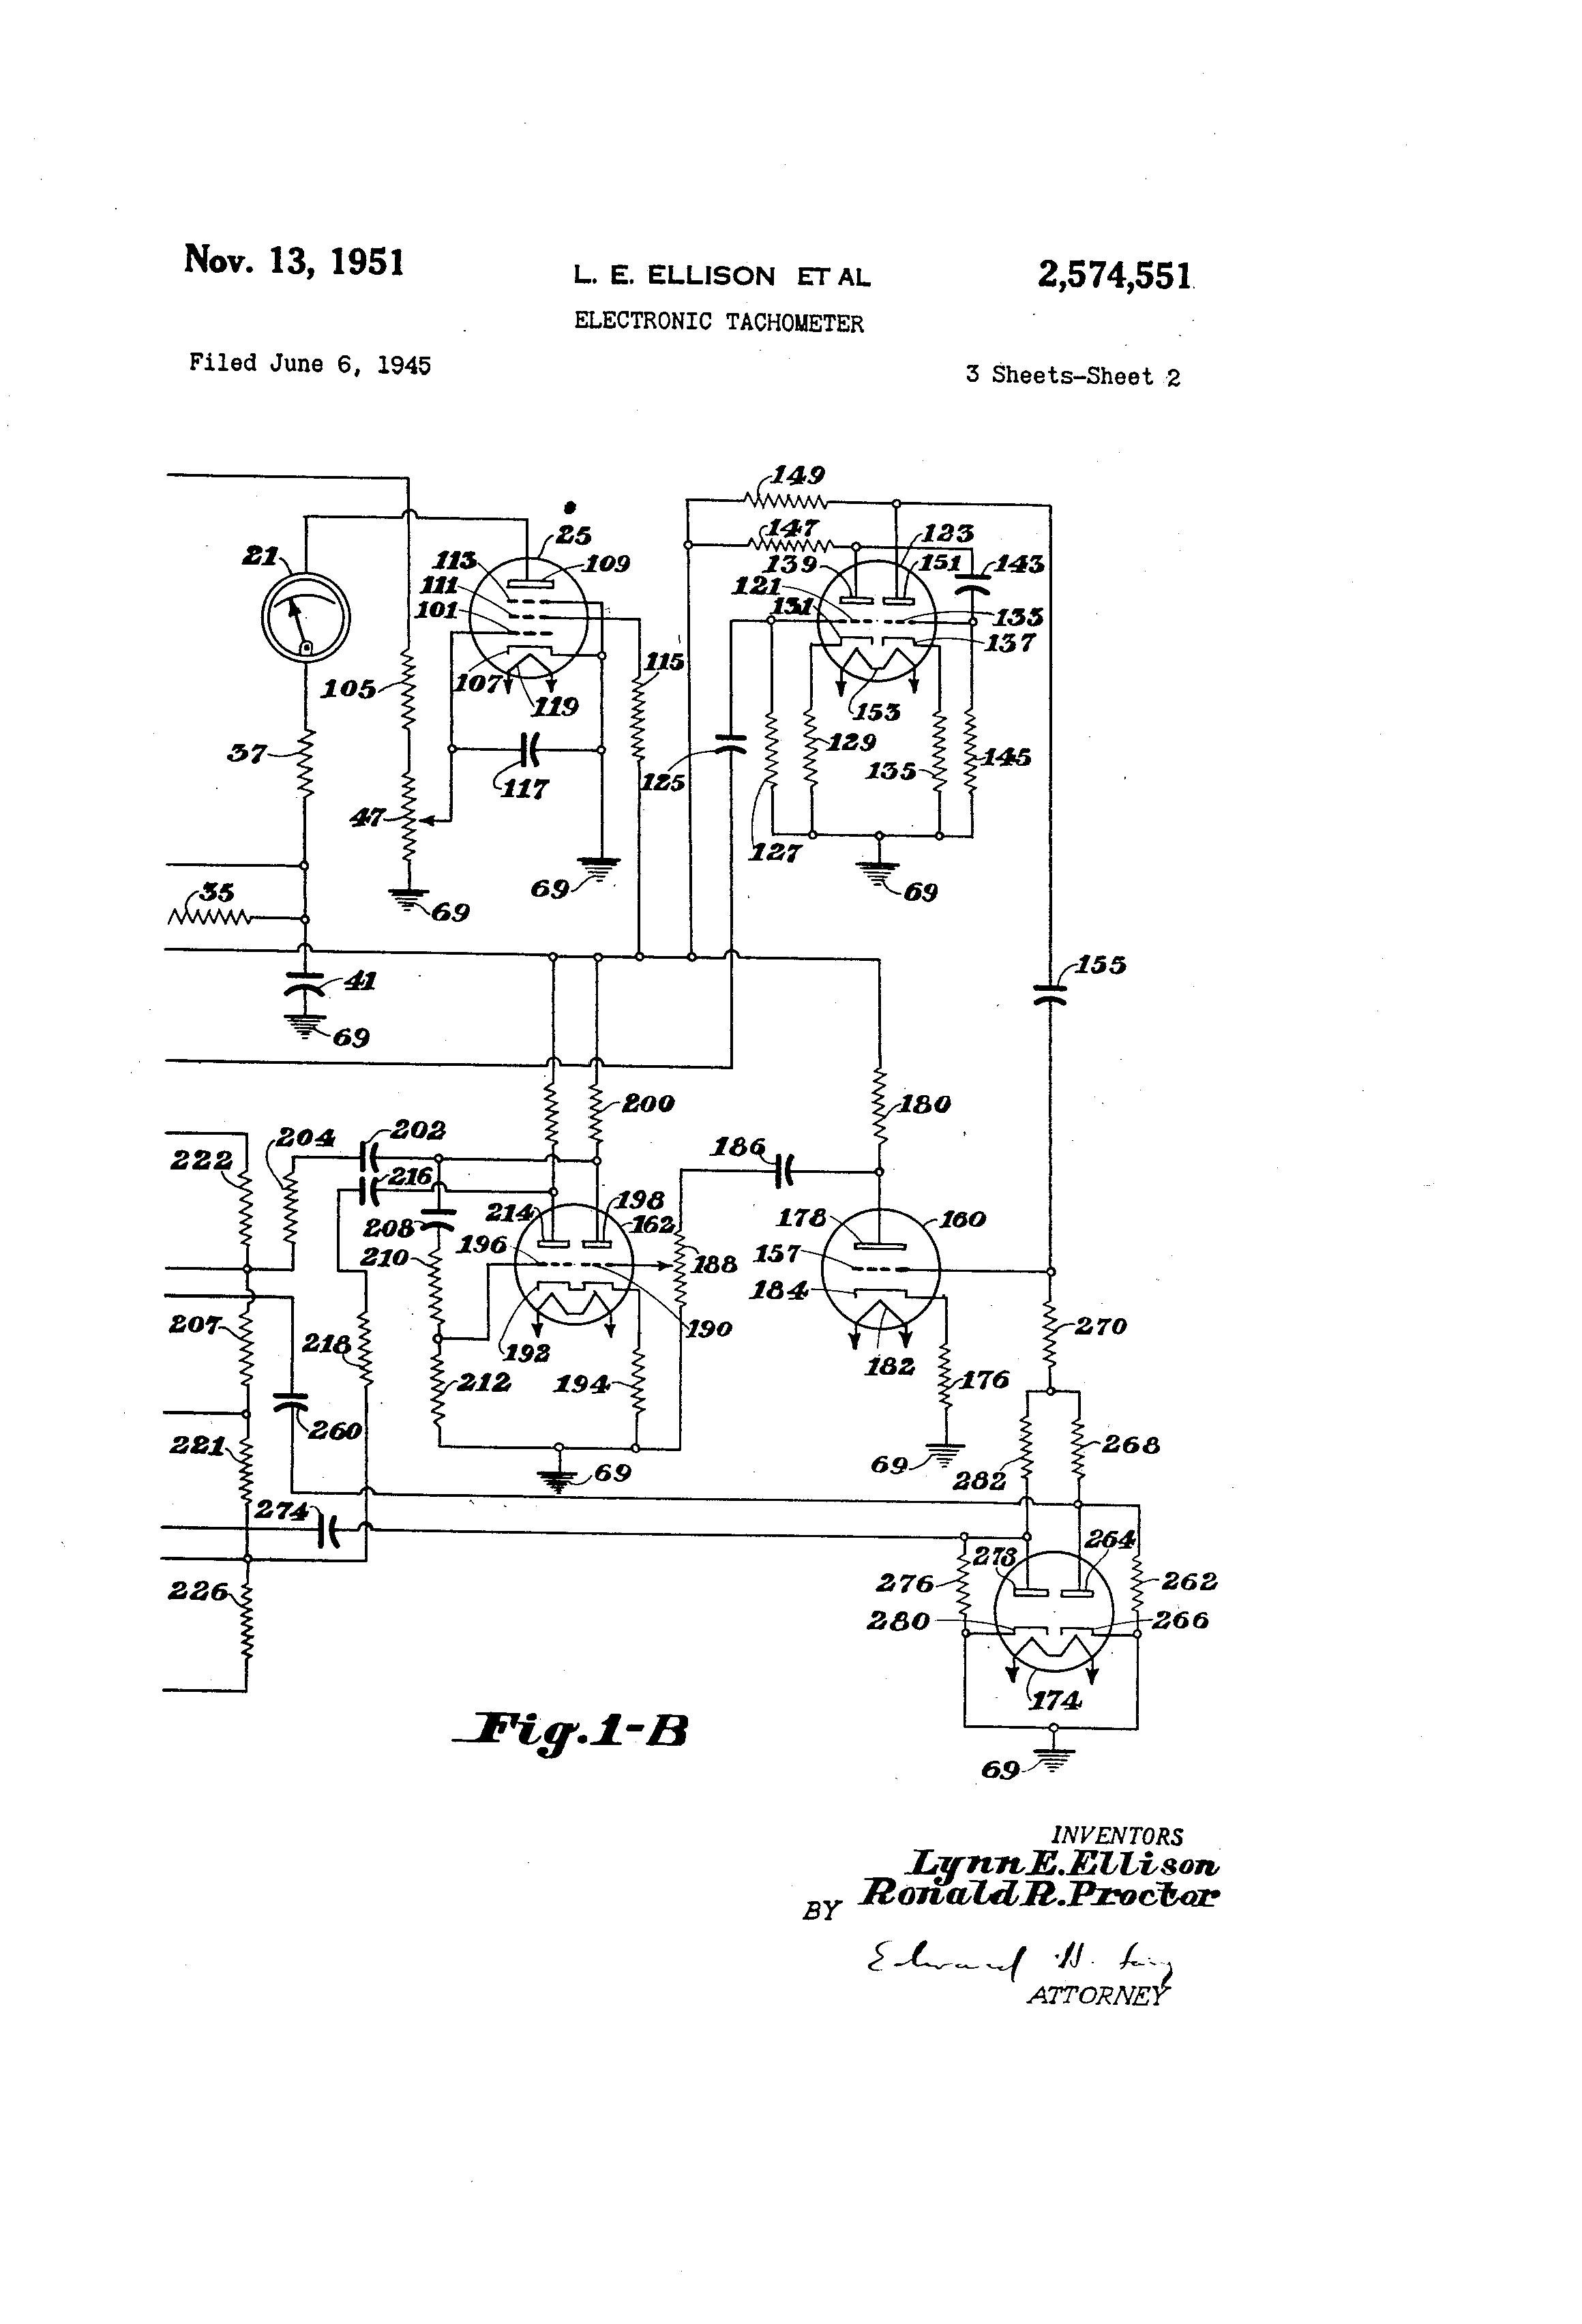 Circuitdiagram Measuringandtestcircuit Analogtachometercircuit